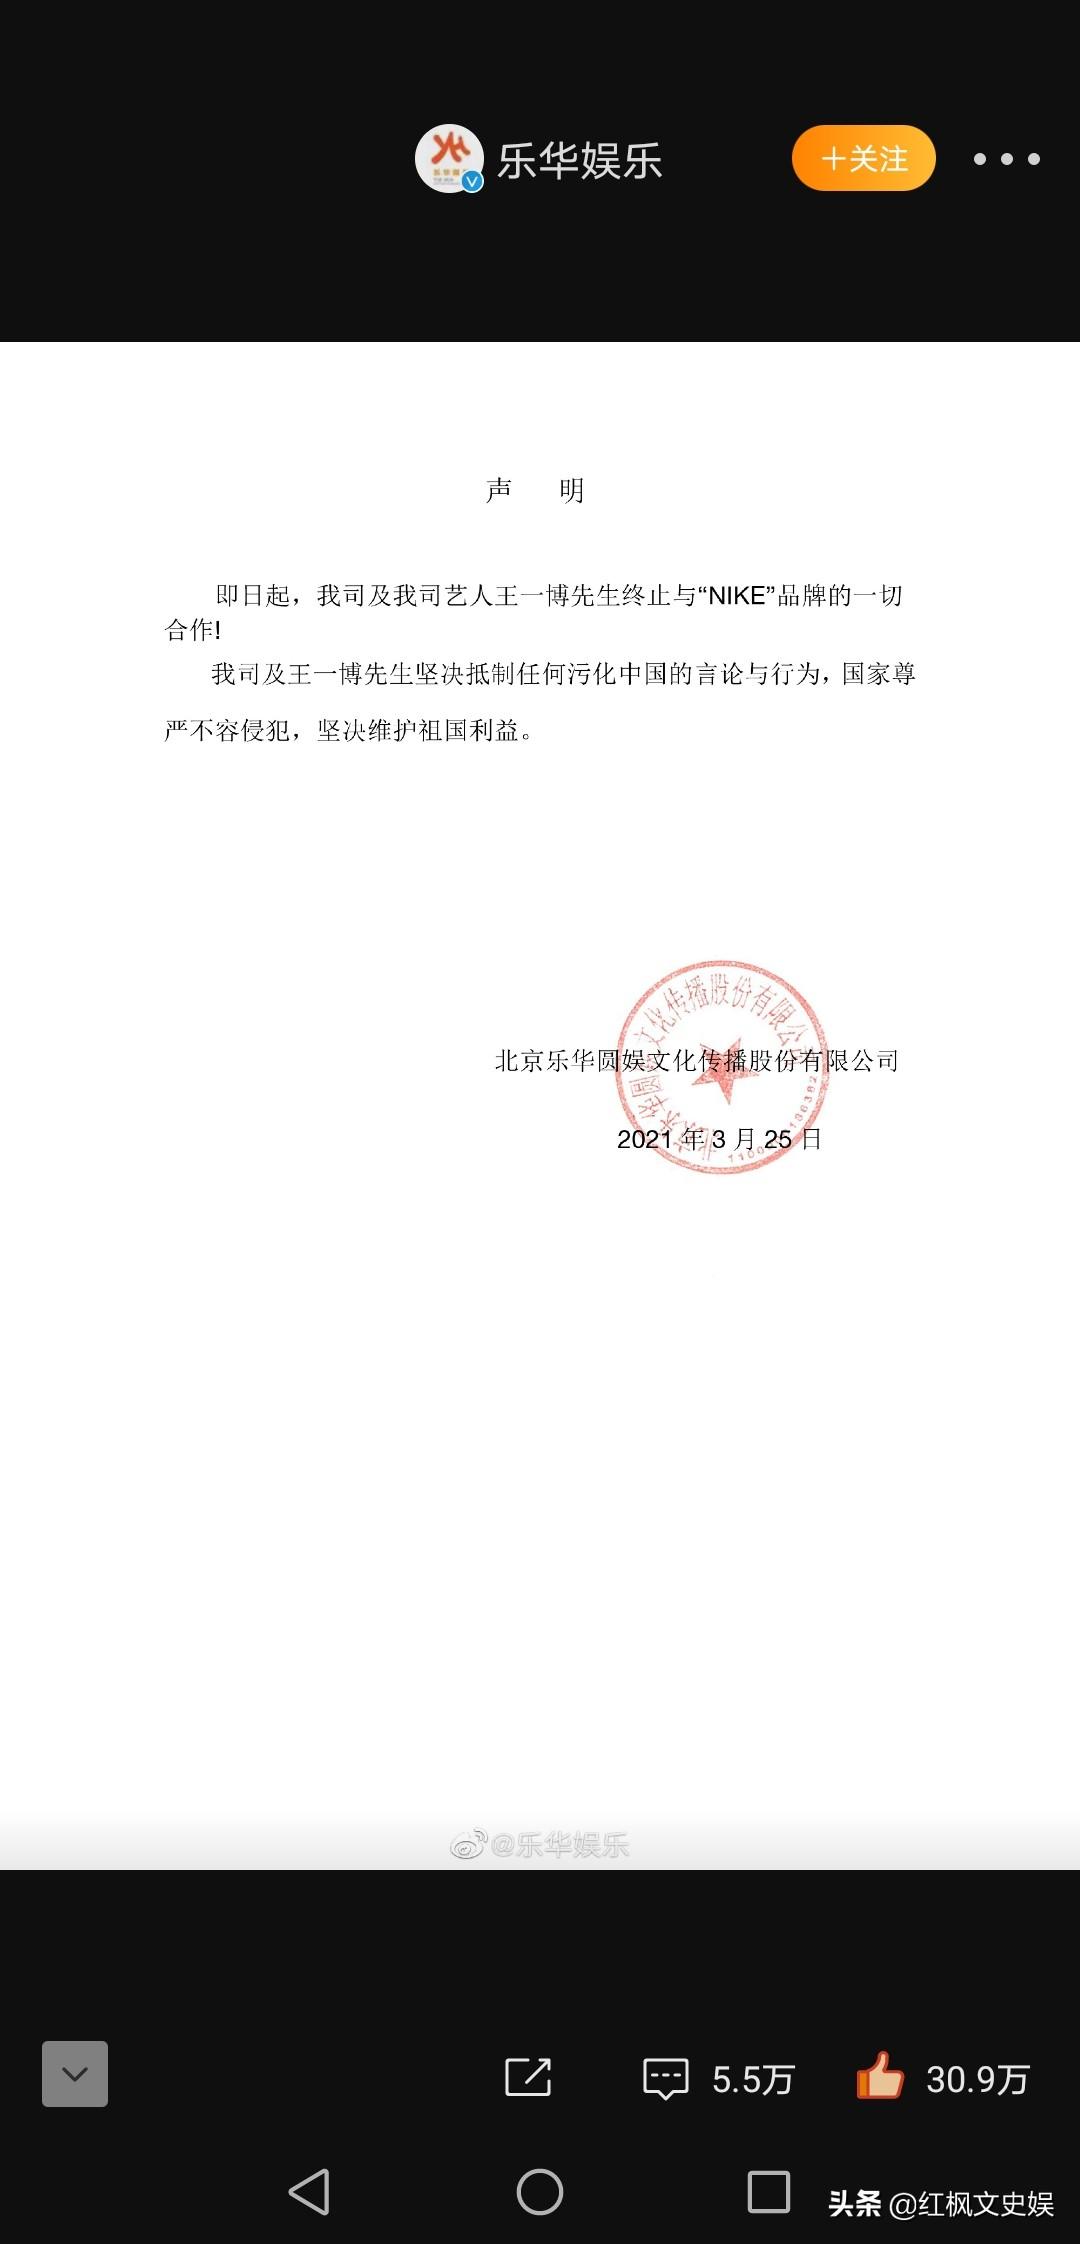 王一博终止与耐克品牌一切合作 挑战中国人底线,乐天的前车之鉴不够